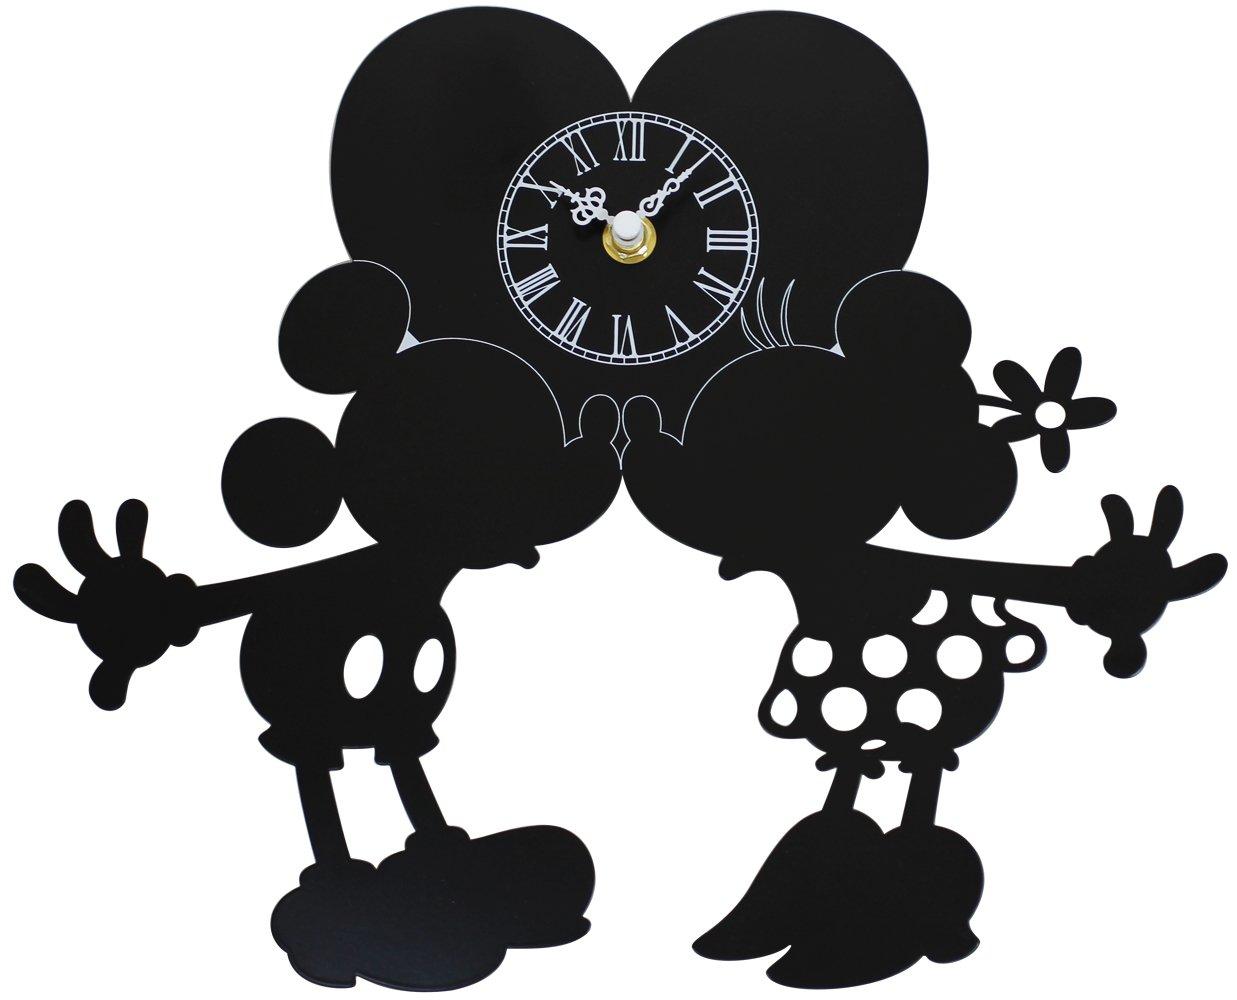 ディズニー 掛け時計 ミッキーマウス & ミニーマウス メタルフレーム ブラック DIC-019-DL-MM1 B01CU090TY